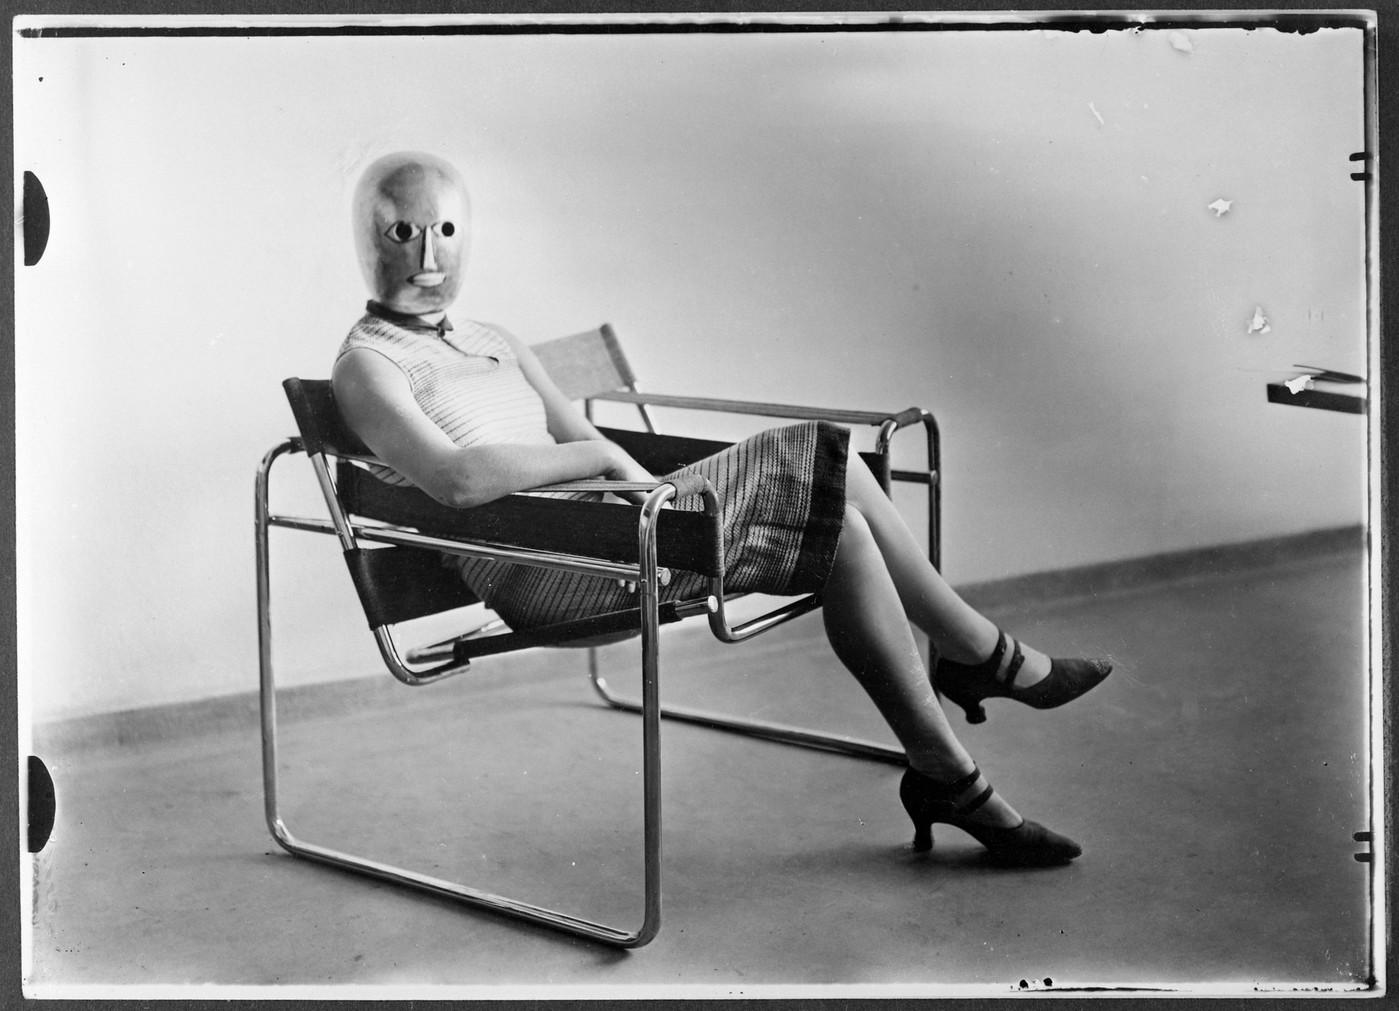 fragment-scene-bauhaus-derich-consemuller-fauteuil-marcel-breuer-masque-oskar-schlemmer-lis-beyer_0_1400_1011